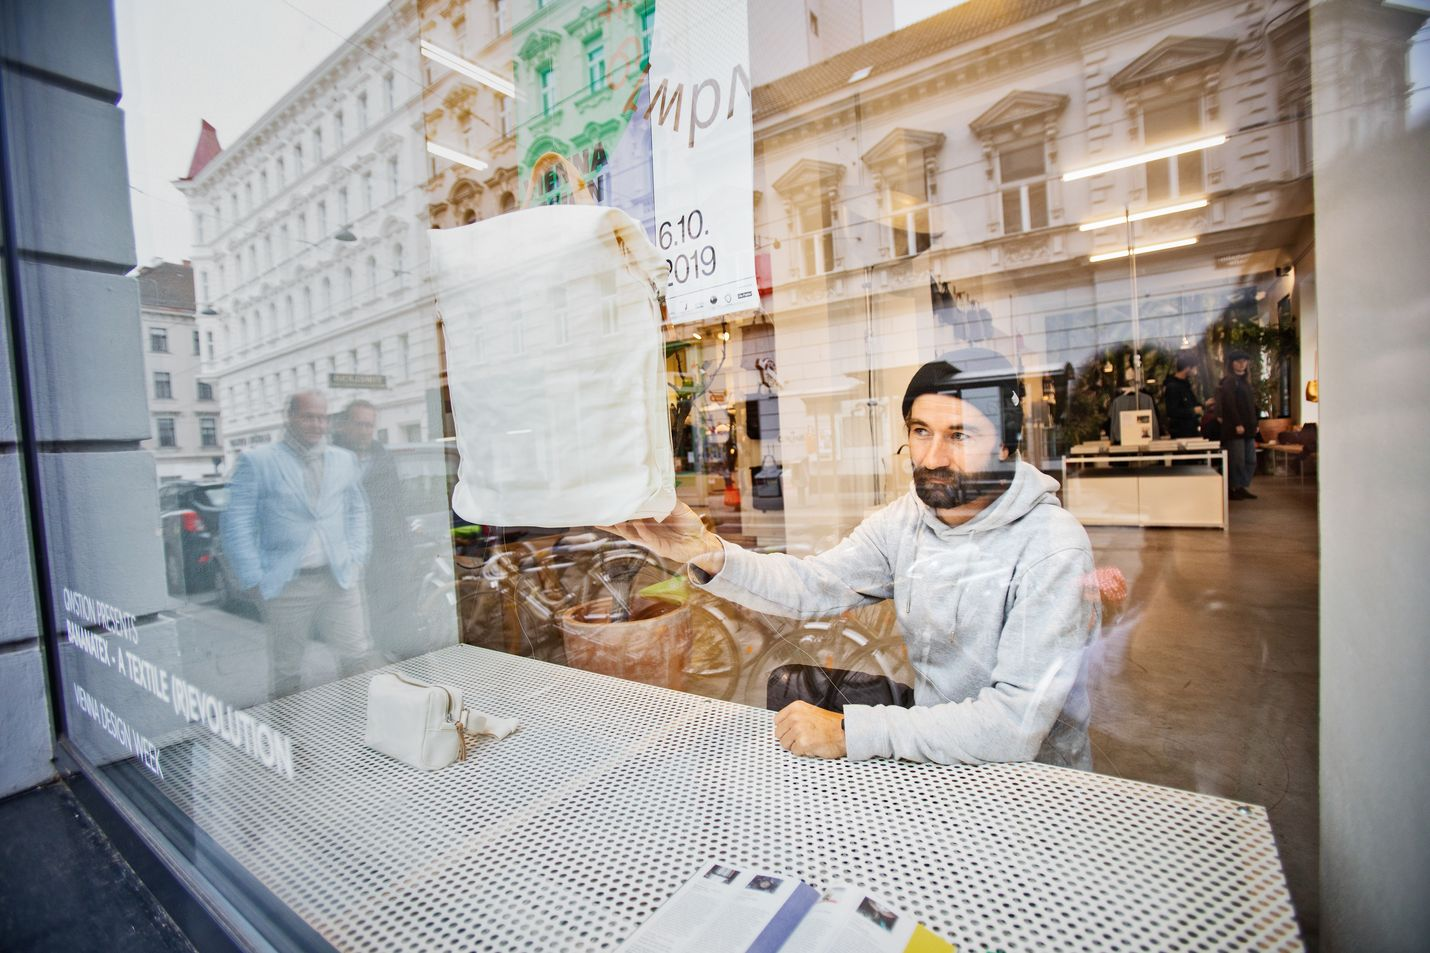 """""""Moni kaupunki voi olla matkailun näkökulmasta kiehtova ja jännittävä, mutta haluan kotipaikkani olevan vakaa ja turvallinen"""", sanoo wieniläinen yrittäjä Christian Huemer."""